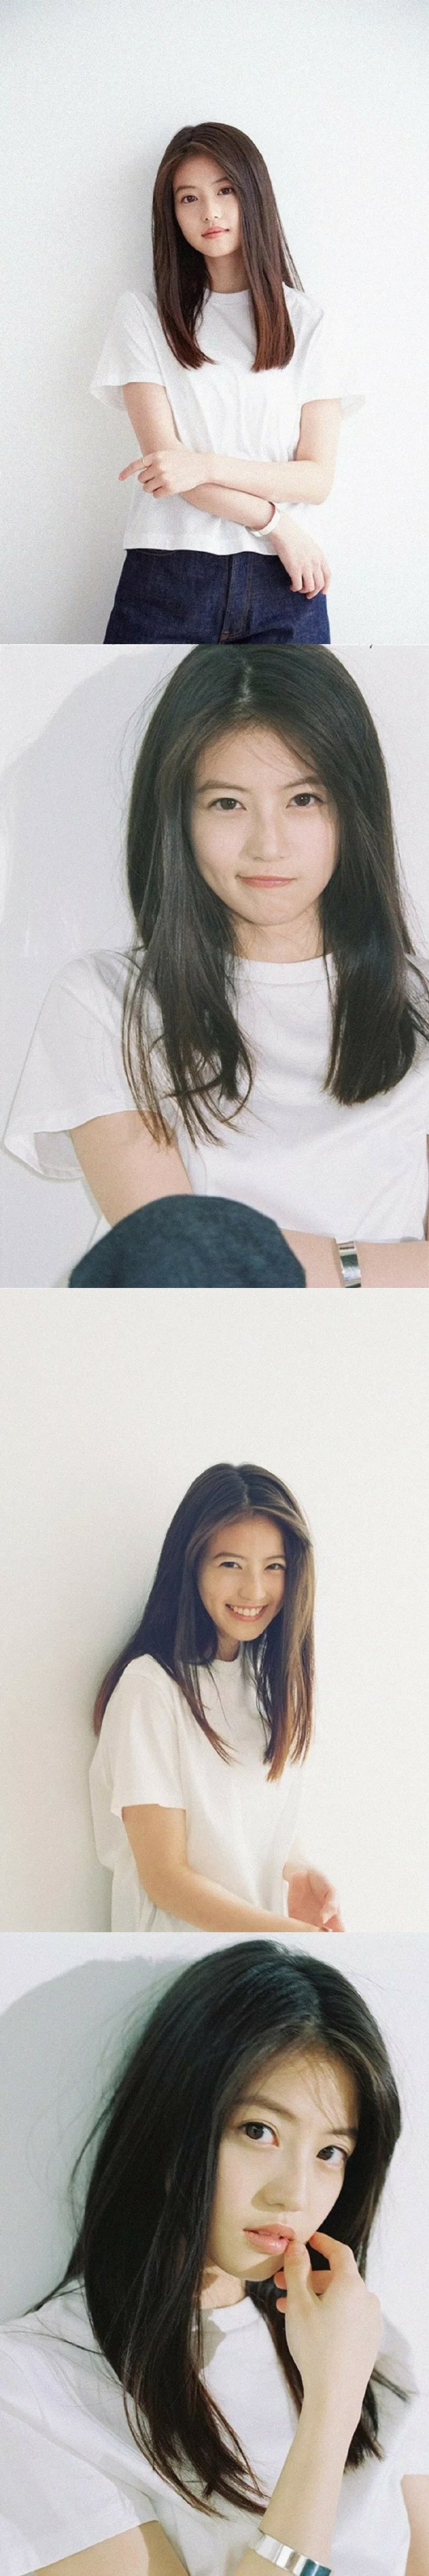 今田美樱写真合集 可爱的娃娃脸